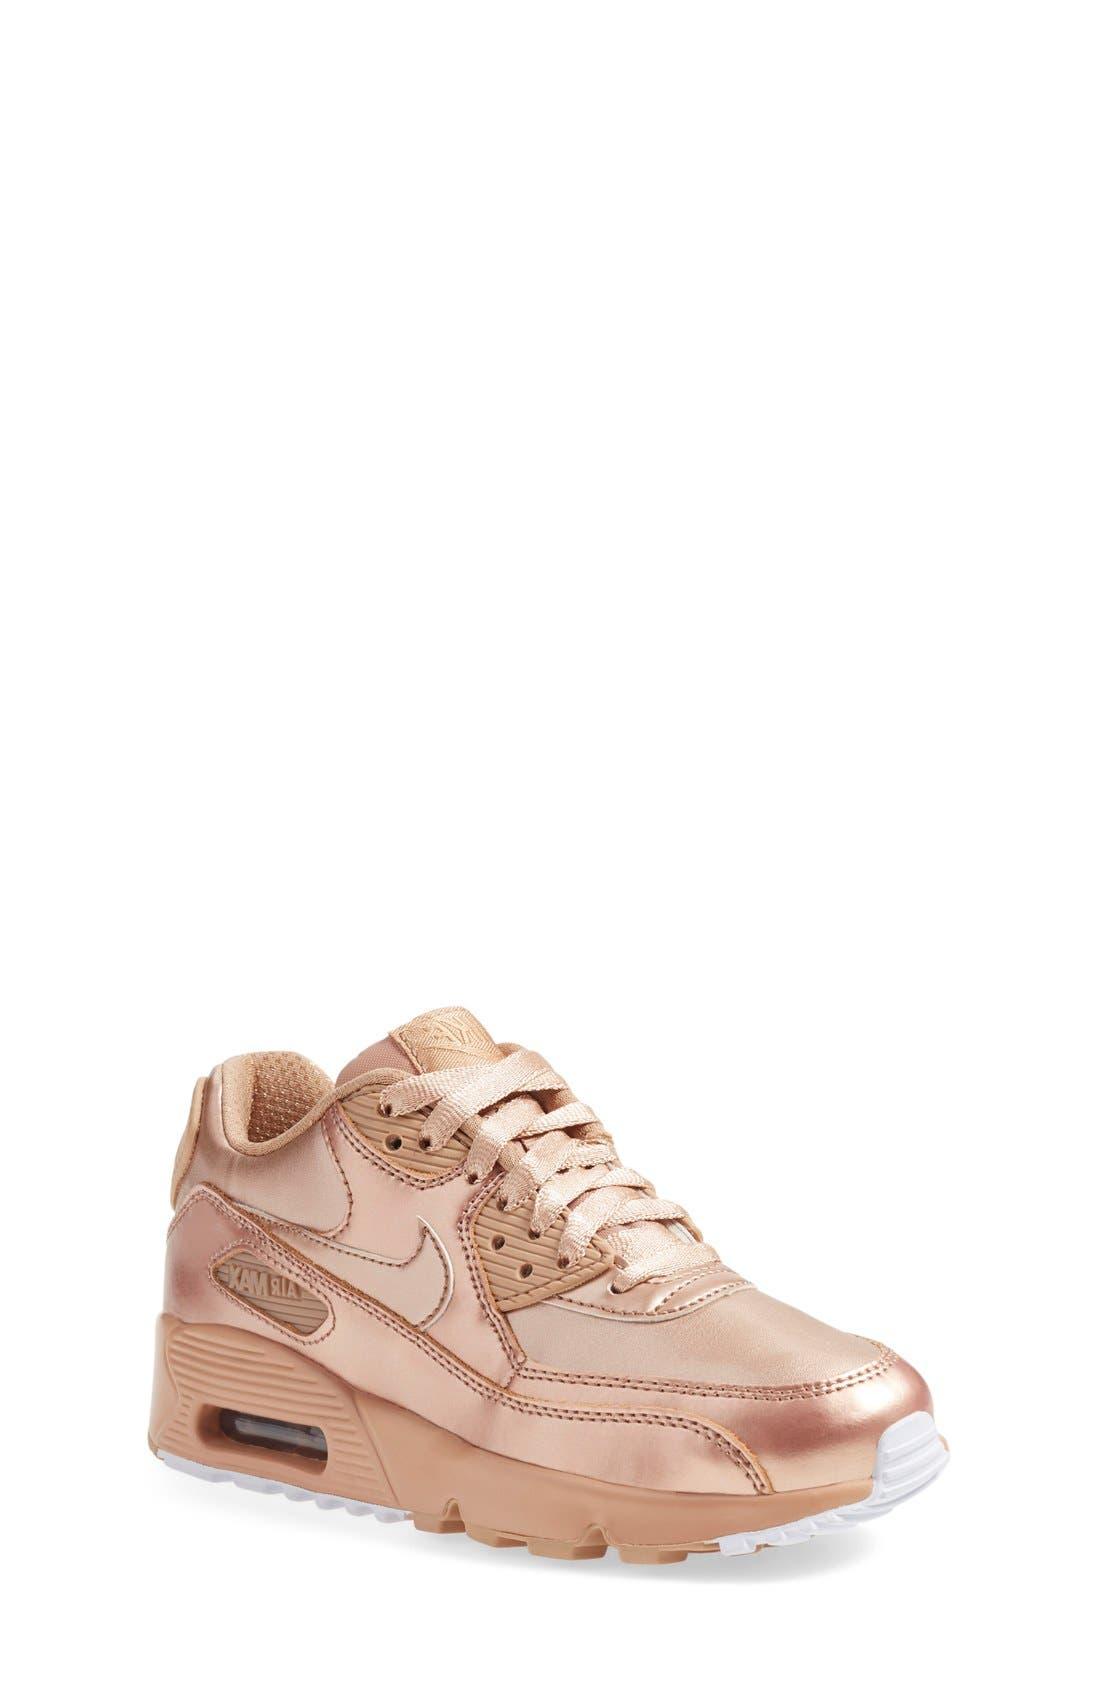 Alternate Image 1 Selected - Nike Air Max 90 SE Sneaker (Big Kids)